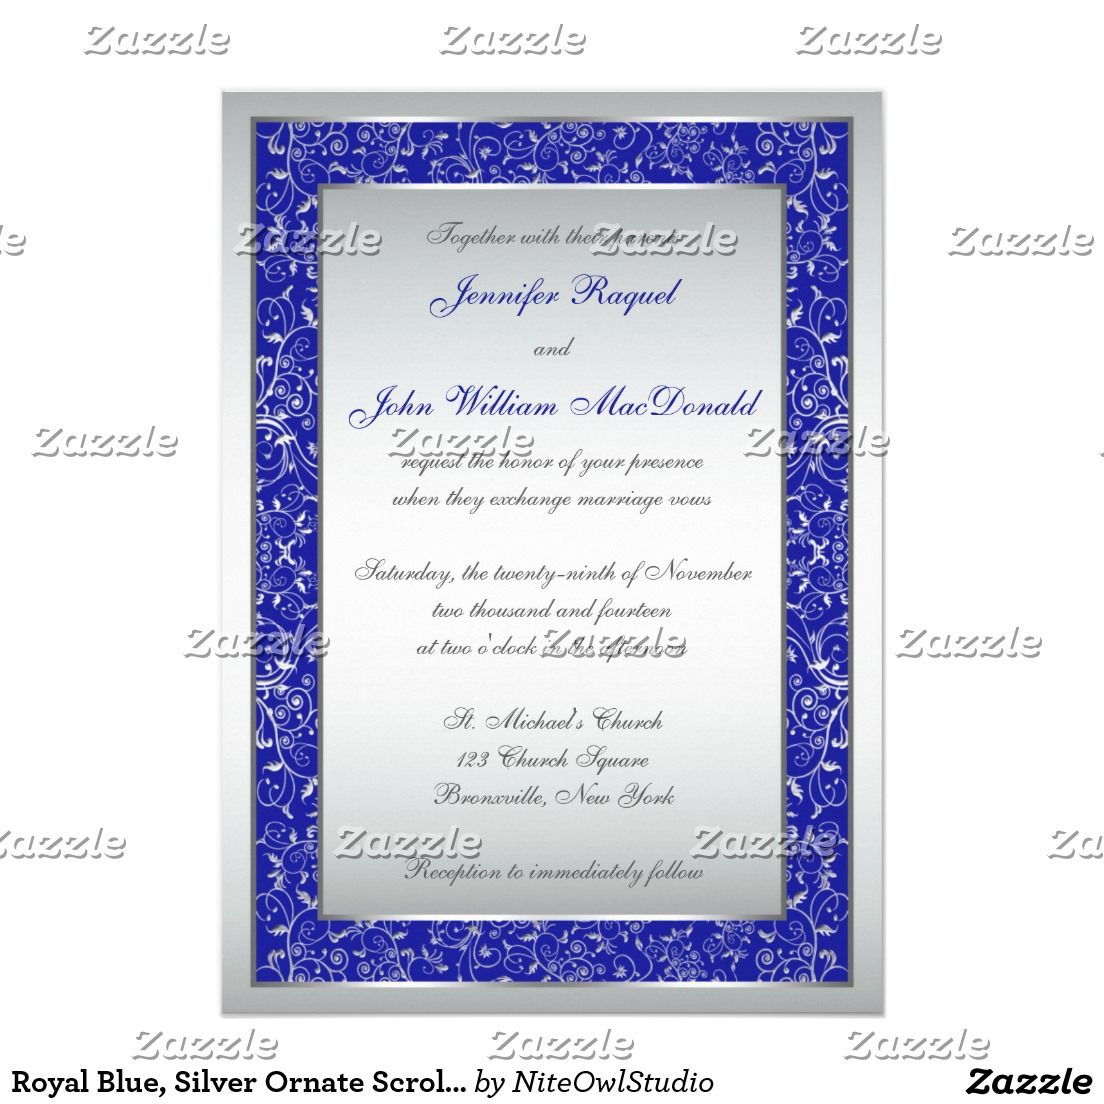 Royal Blue Silver Ornate Scrolls Wedding Invite Silver Wedding